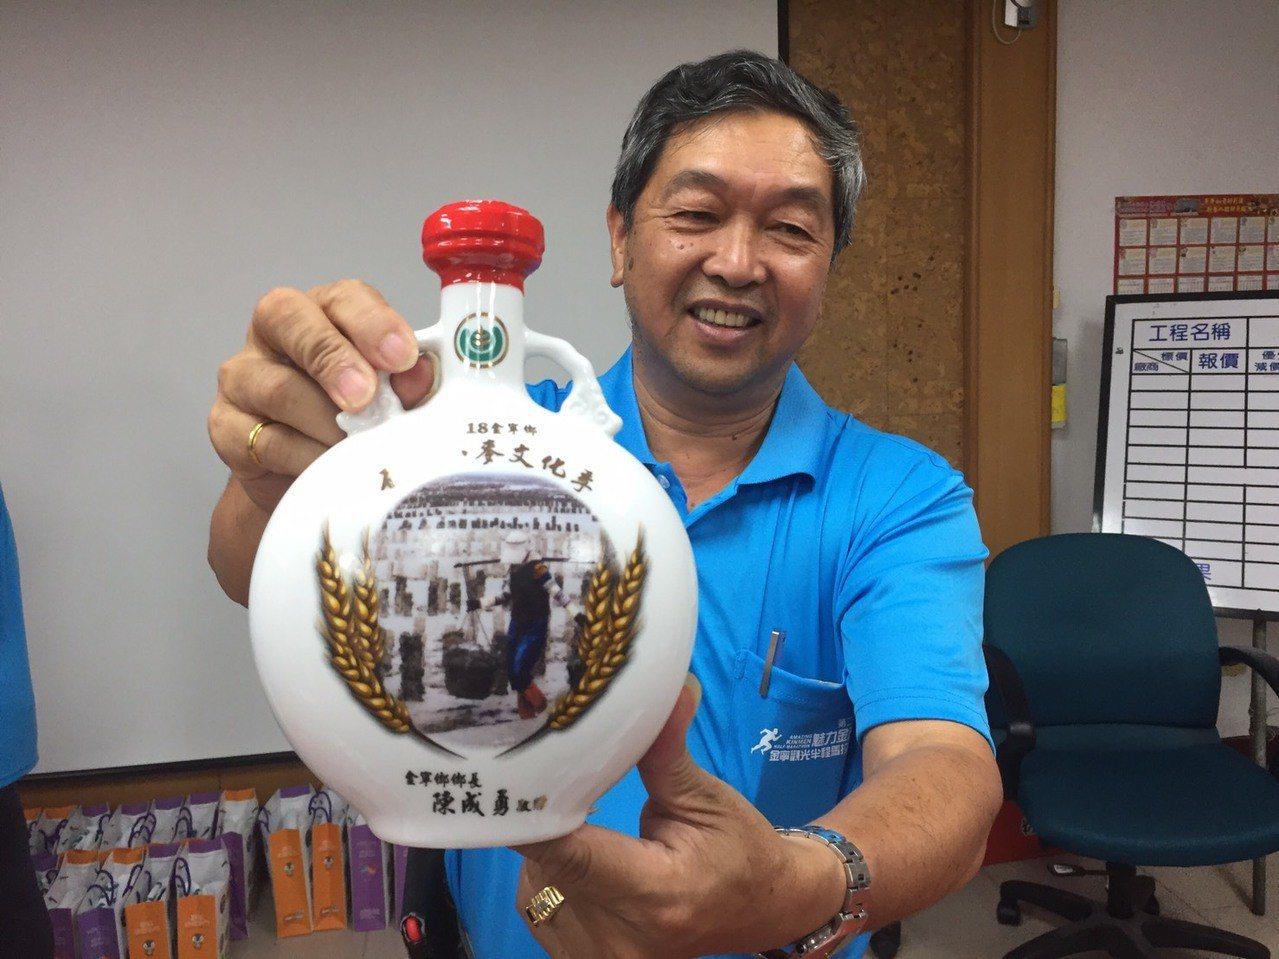 相當好客的金寧鄉長陳成勇表示,跑完全程的前40名,將加碼贈送金寧鄉的限量主題酒。...